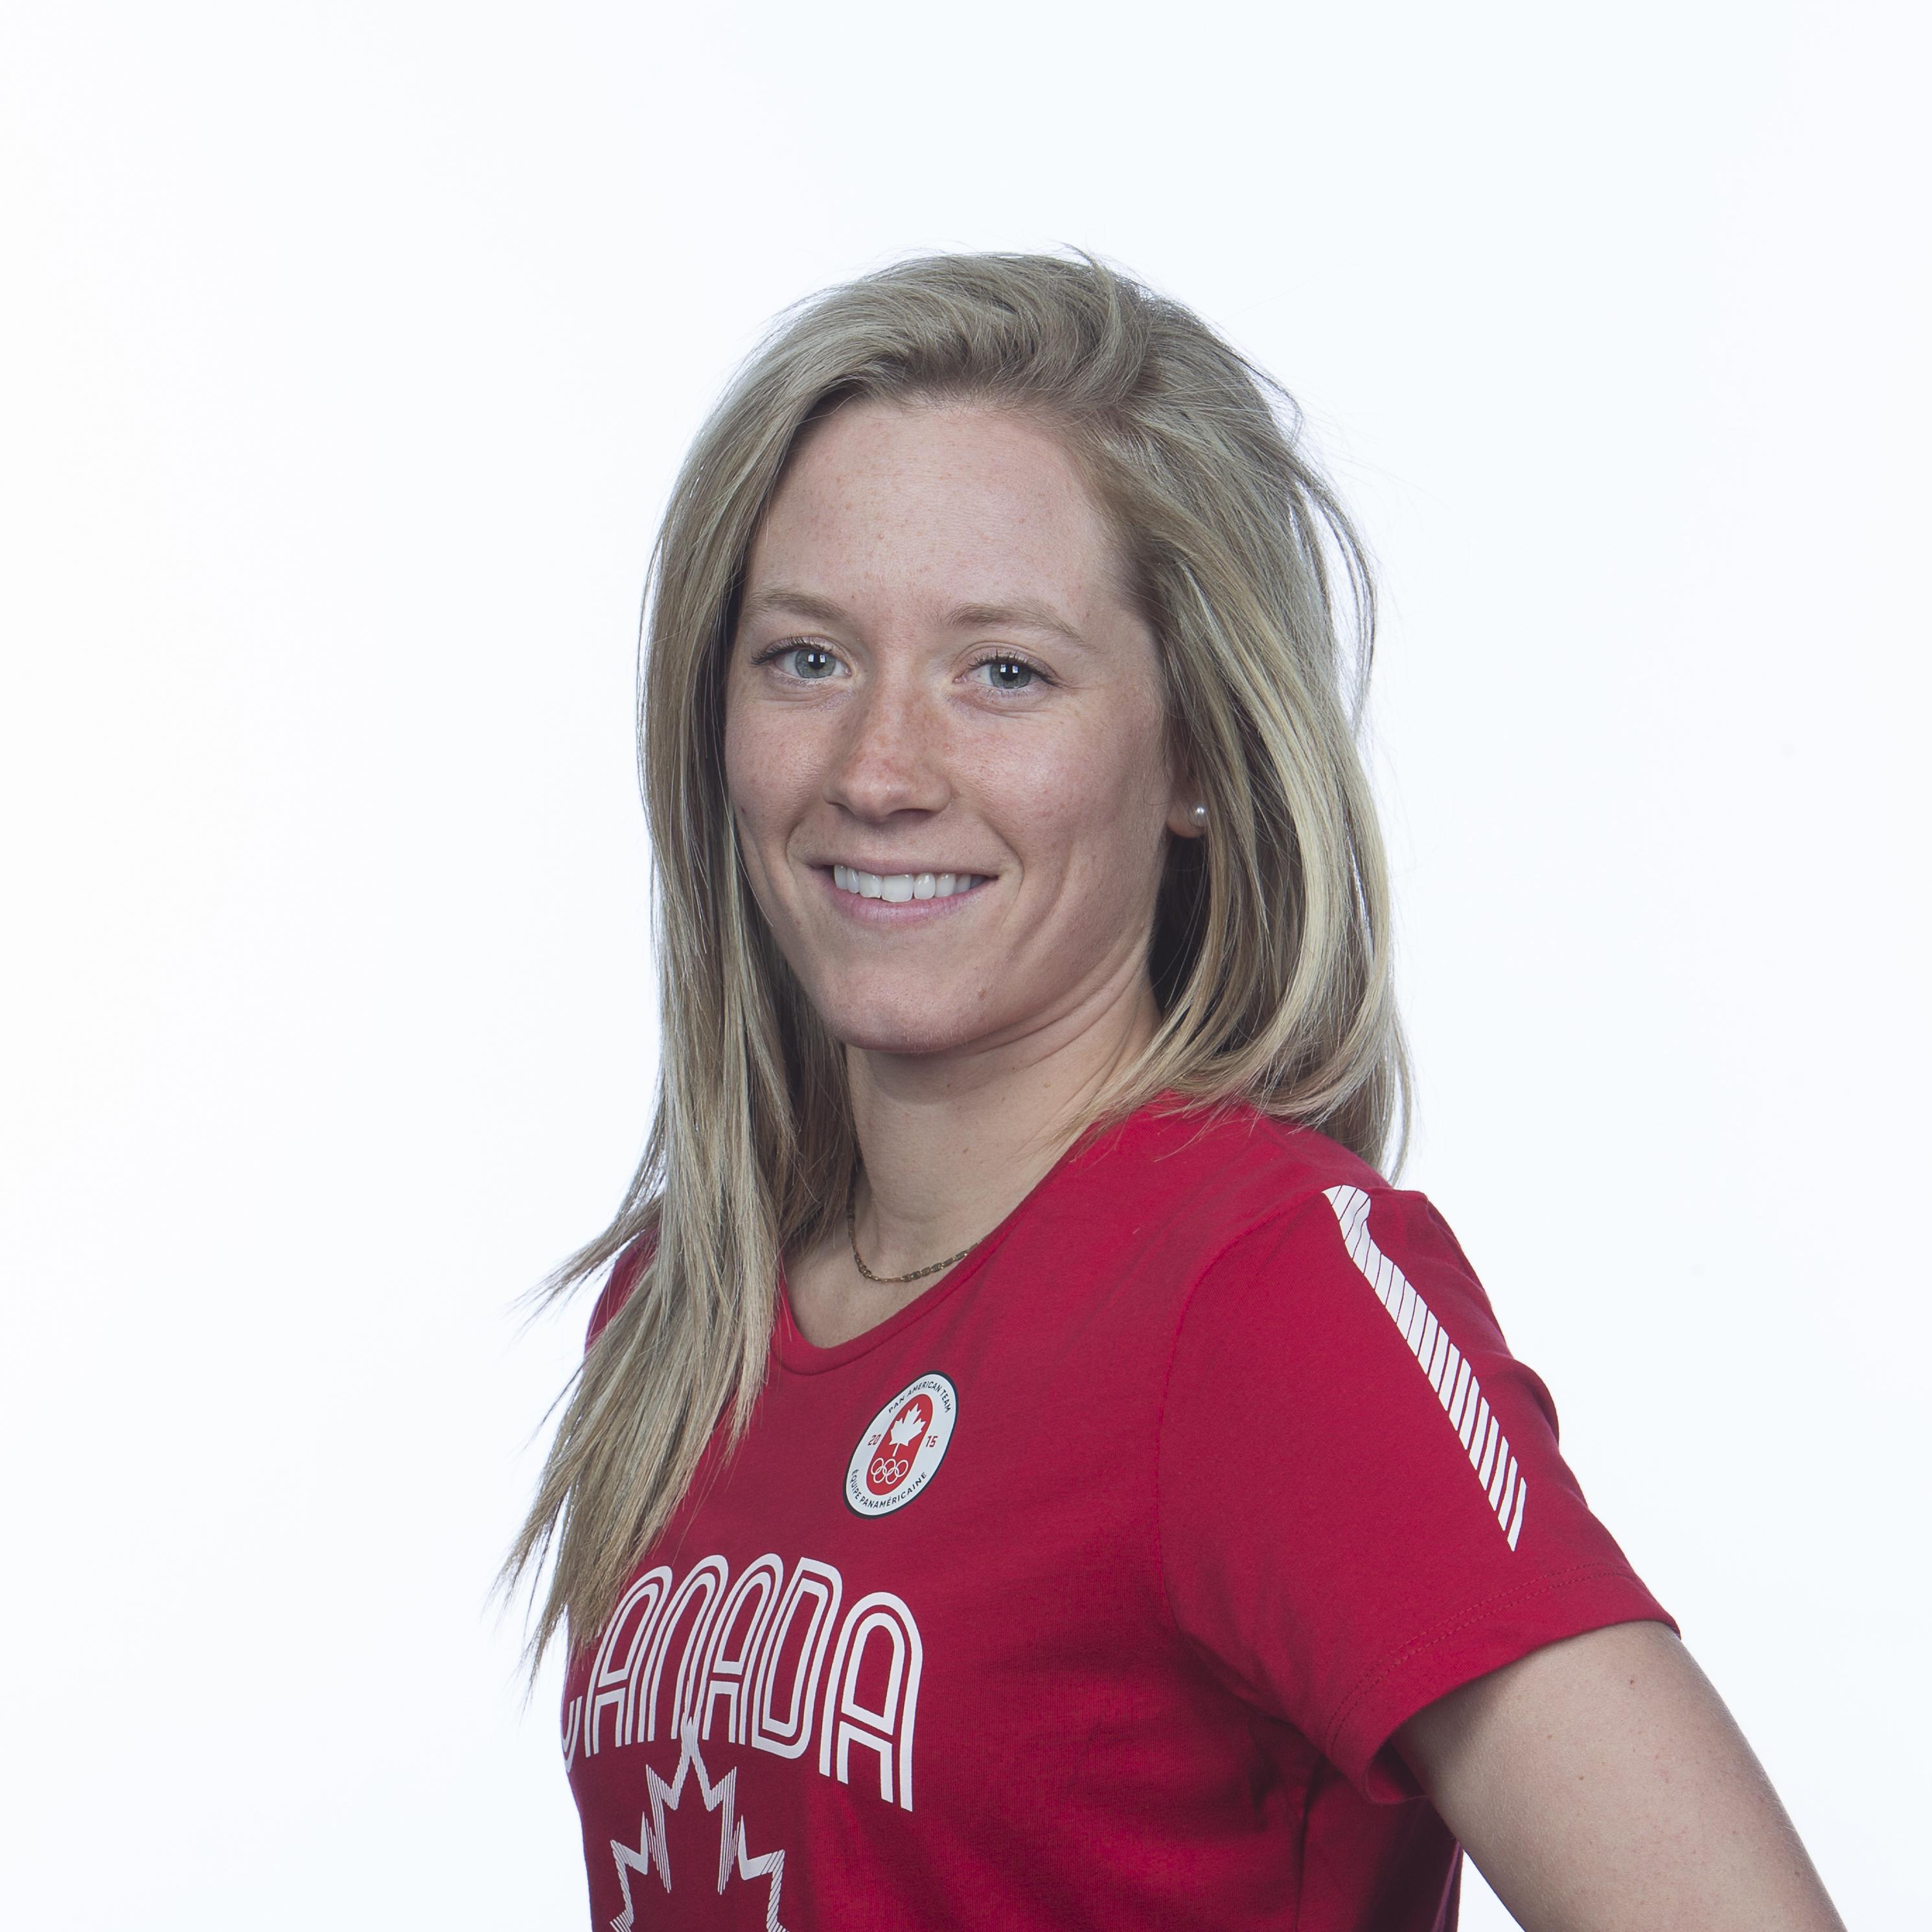 Vanessa Riopel